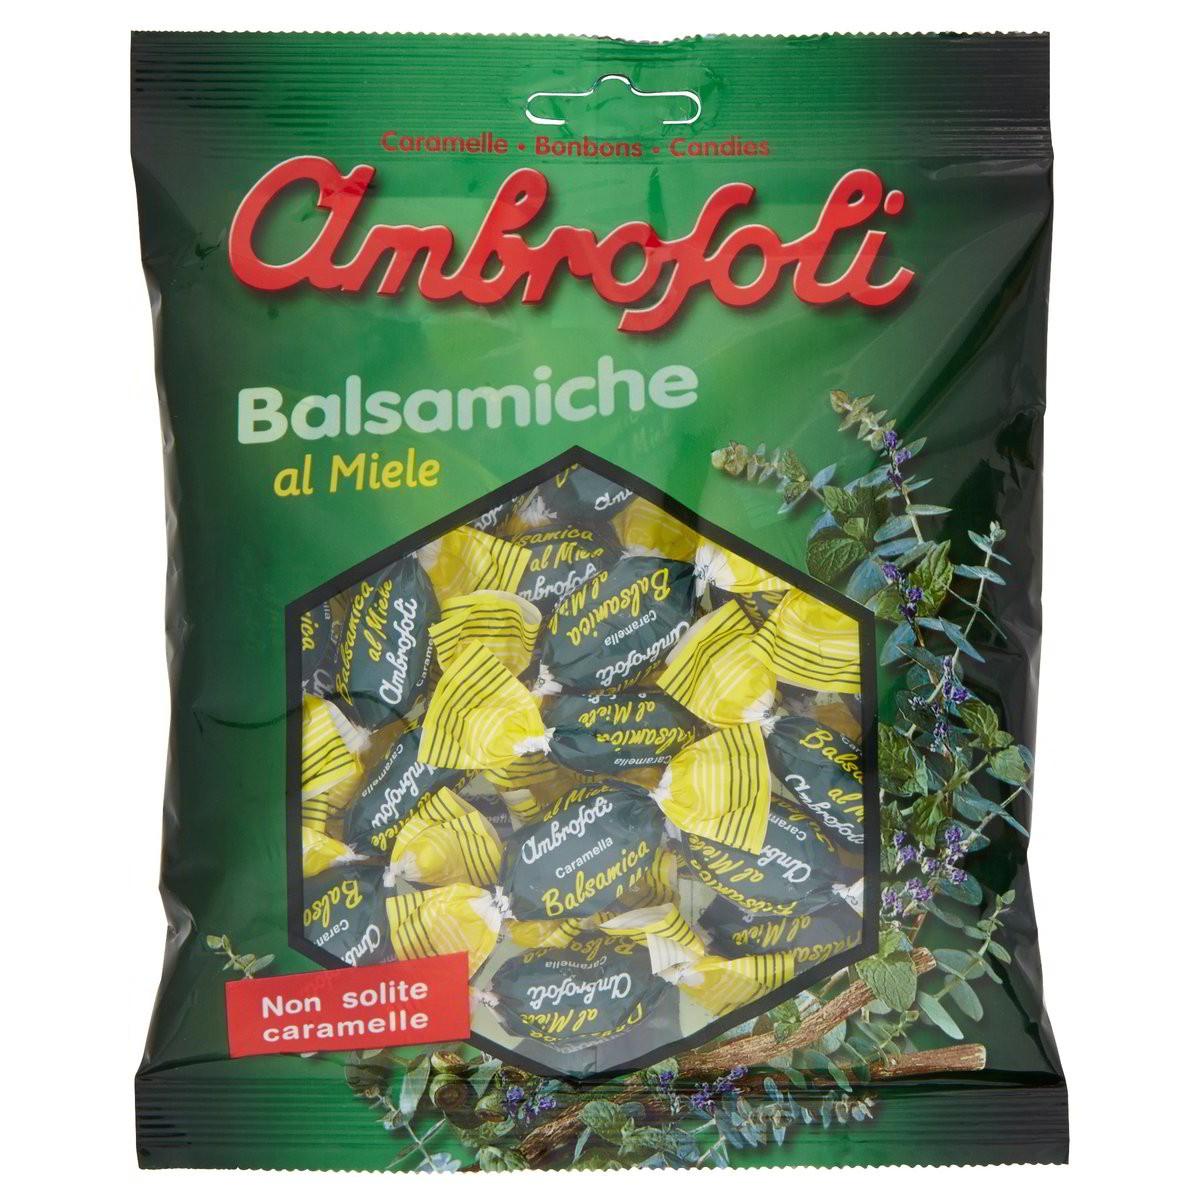 Caramelle Balsamiche Al Miele